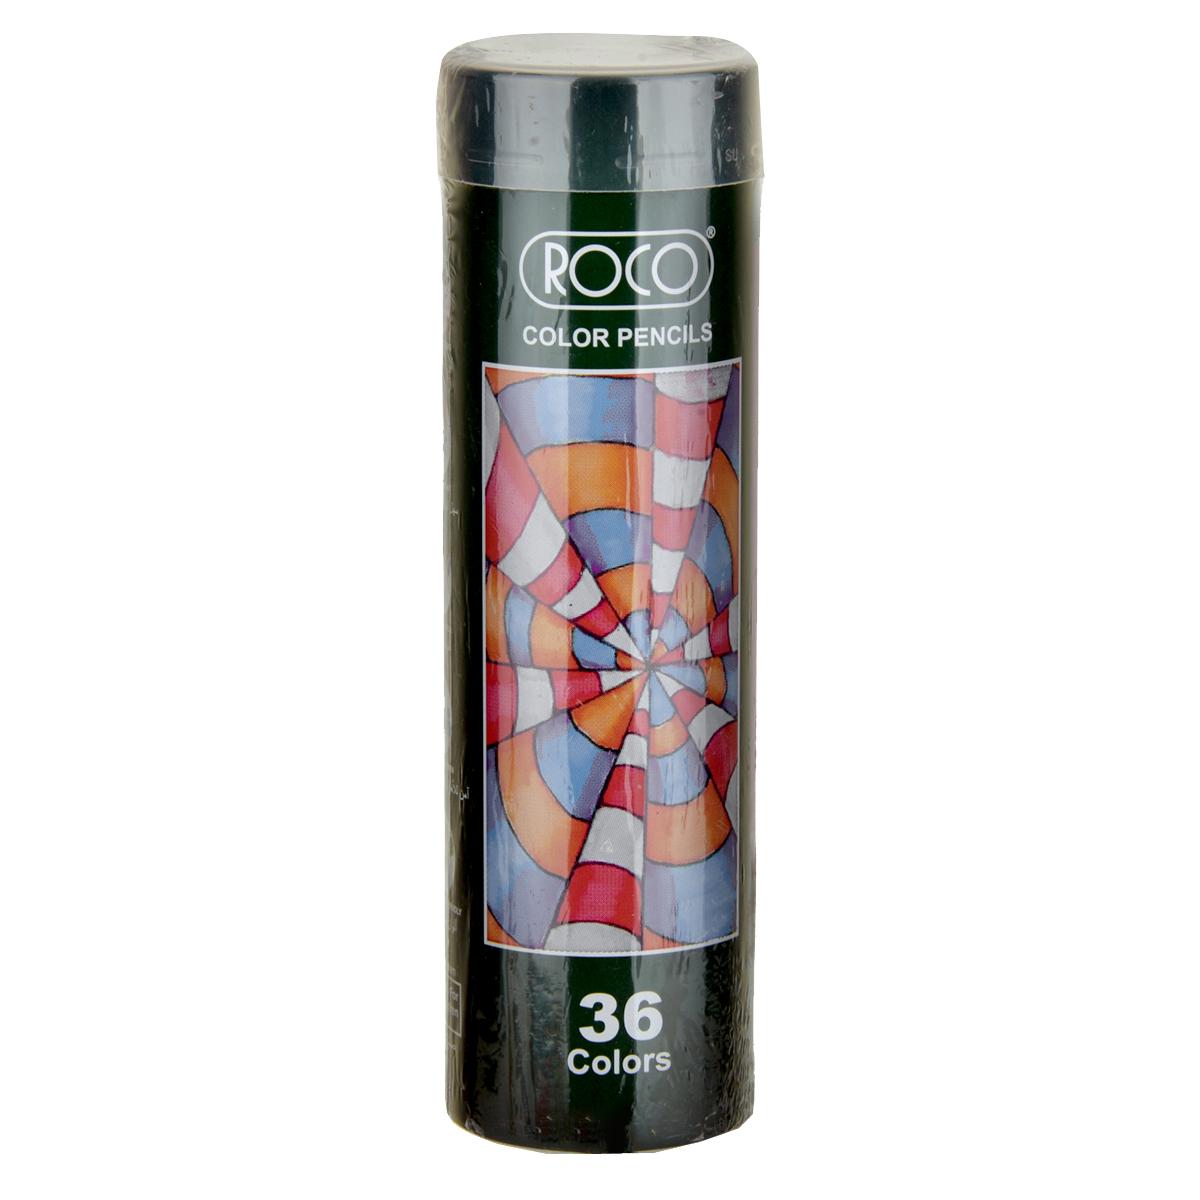 اقلام تلوين خشبية روكو   - 36  قلم تلوين